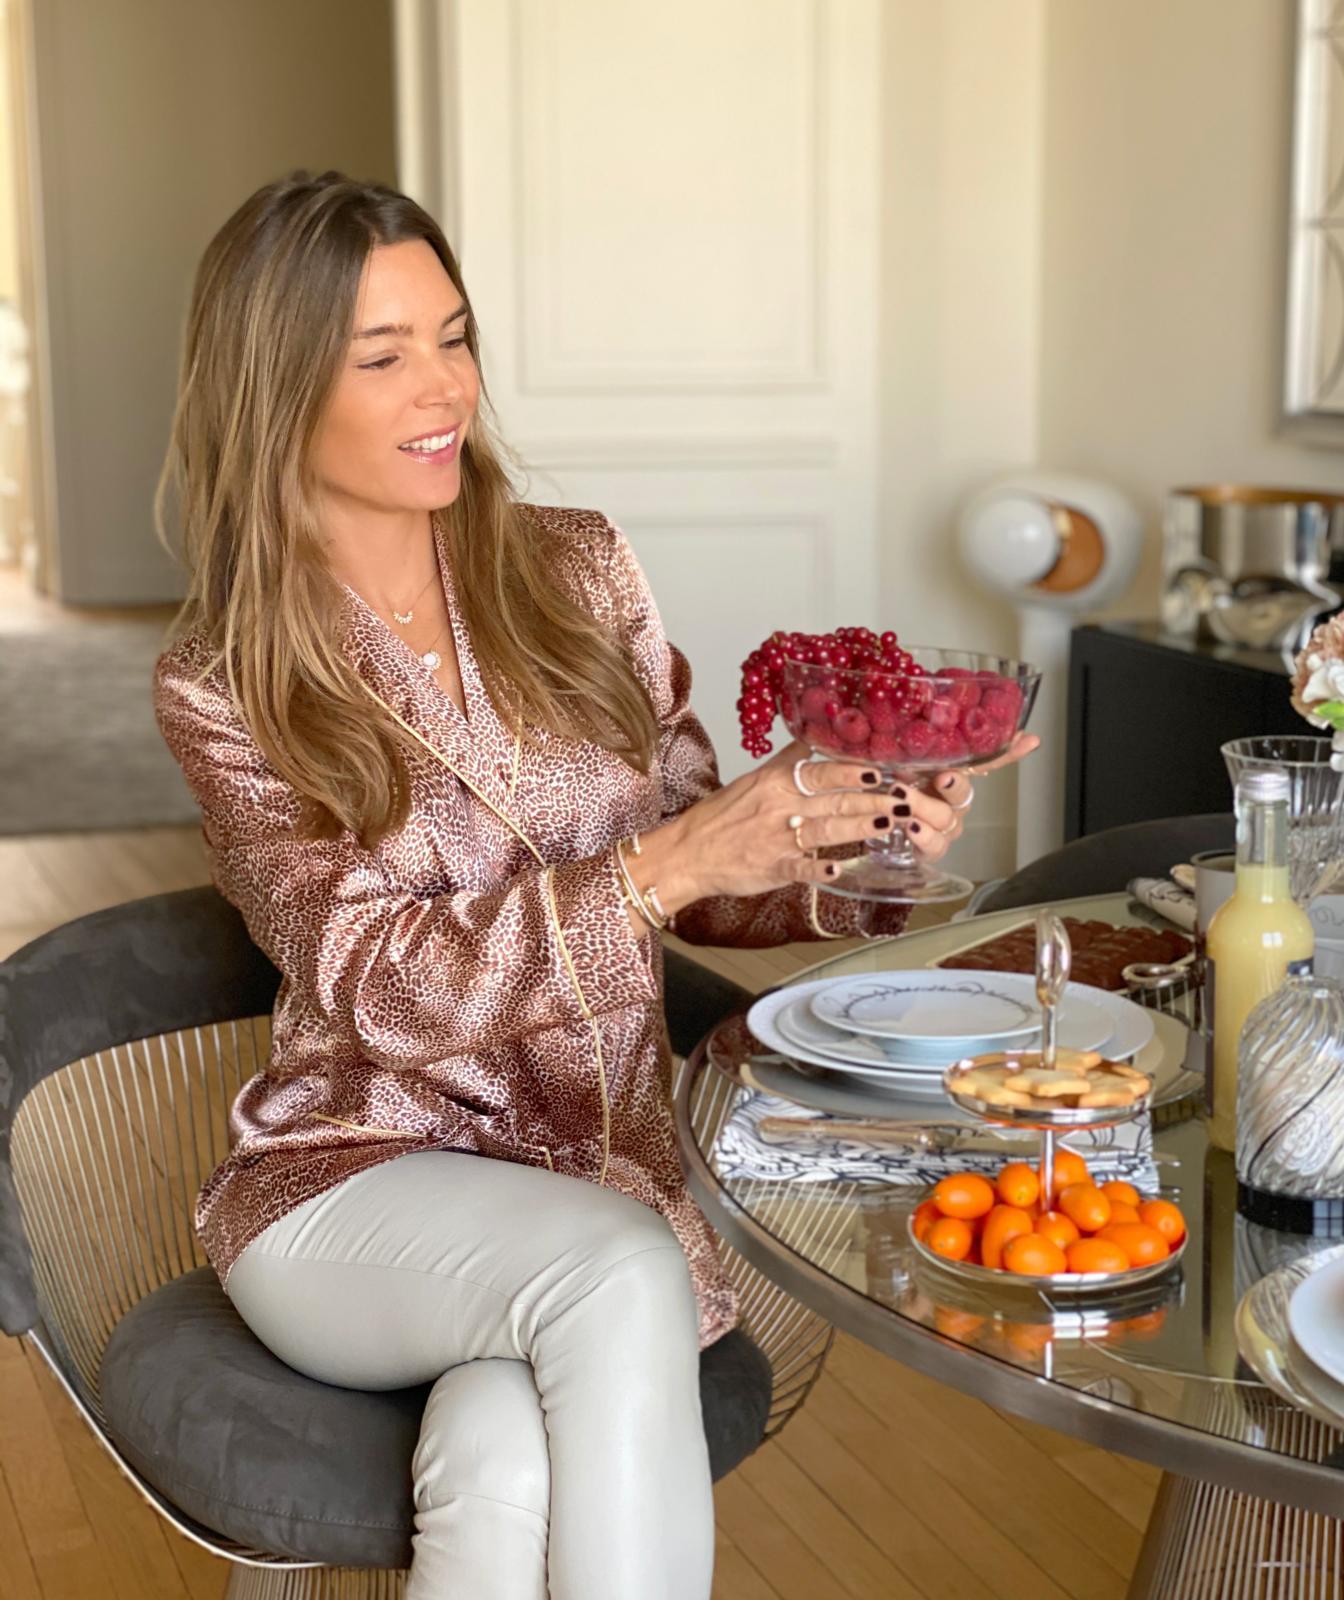 Juliette Longuet in Diana d'Orville luxury leopard silk suit